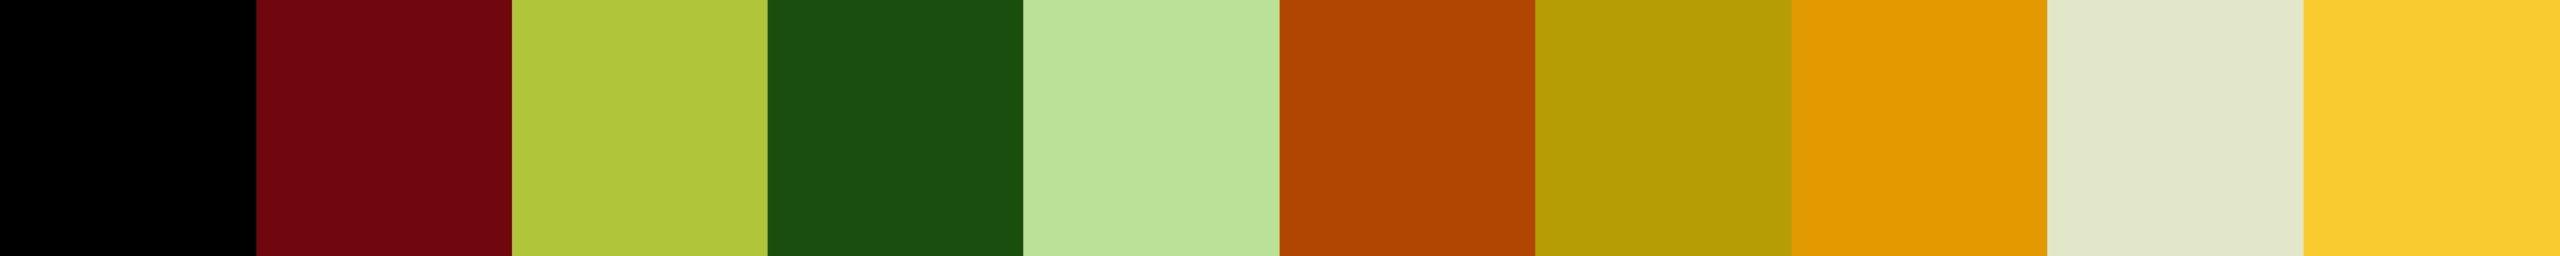 742 Stimonia Color Palette